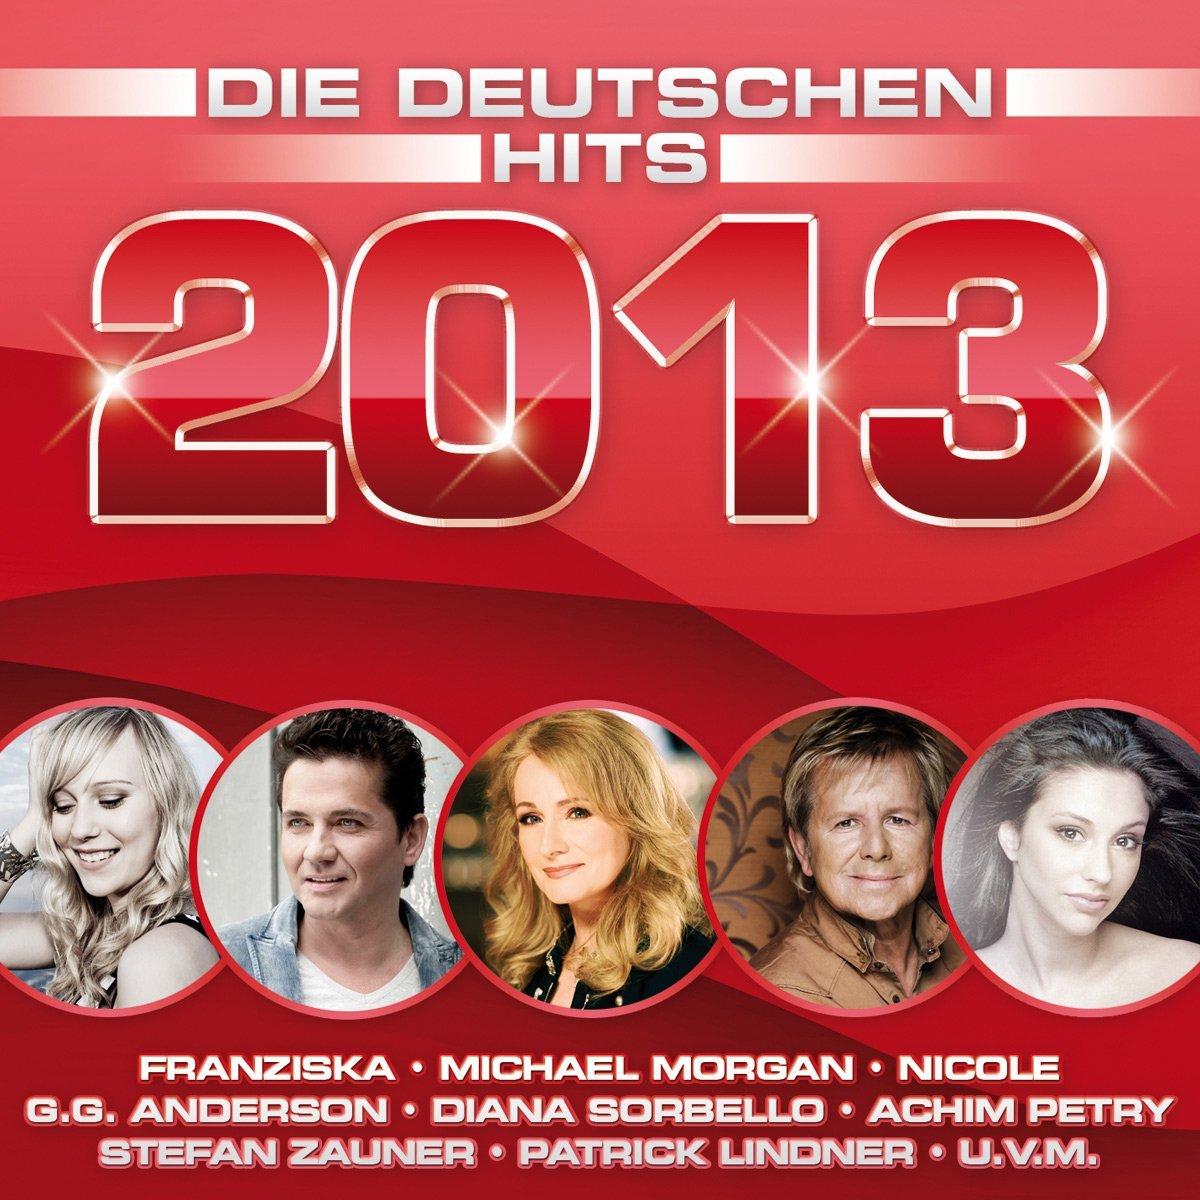 - Die Deutschen Hits 2013 [Doppel-CD]